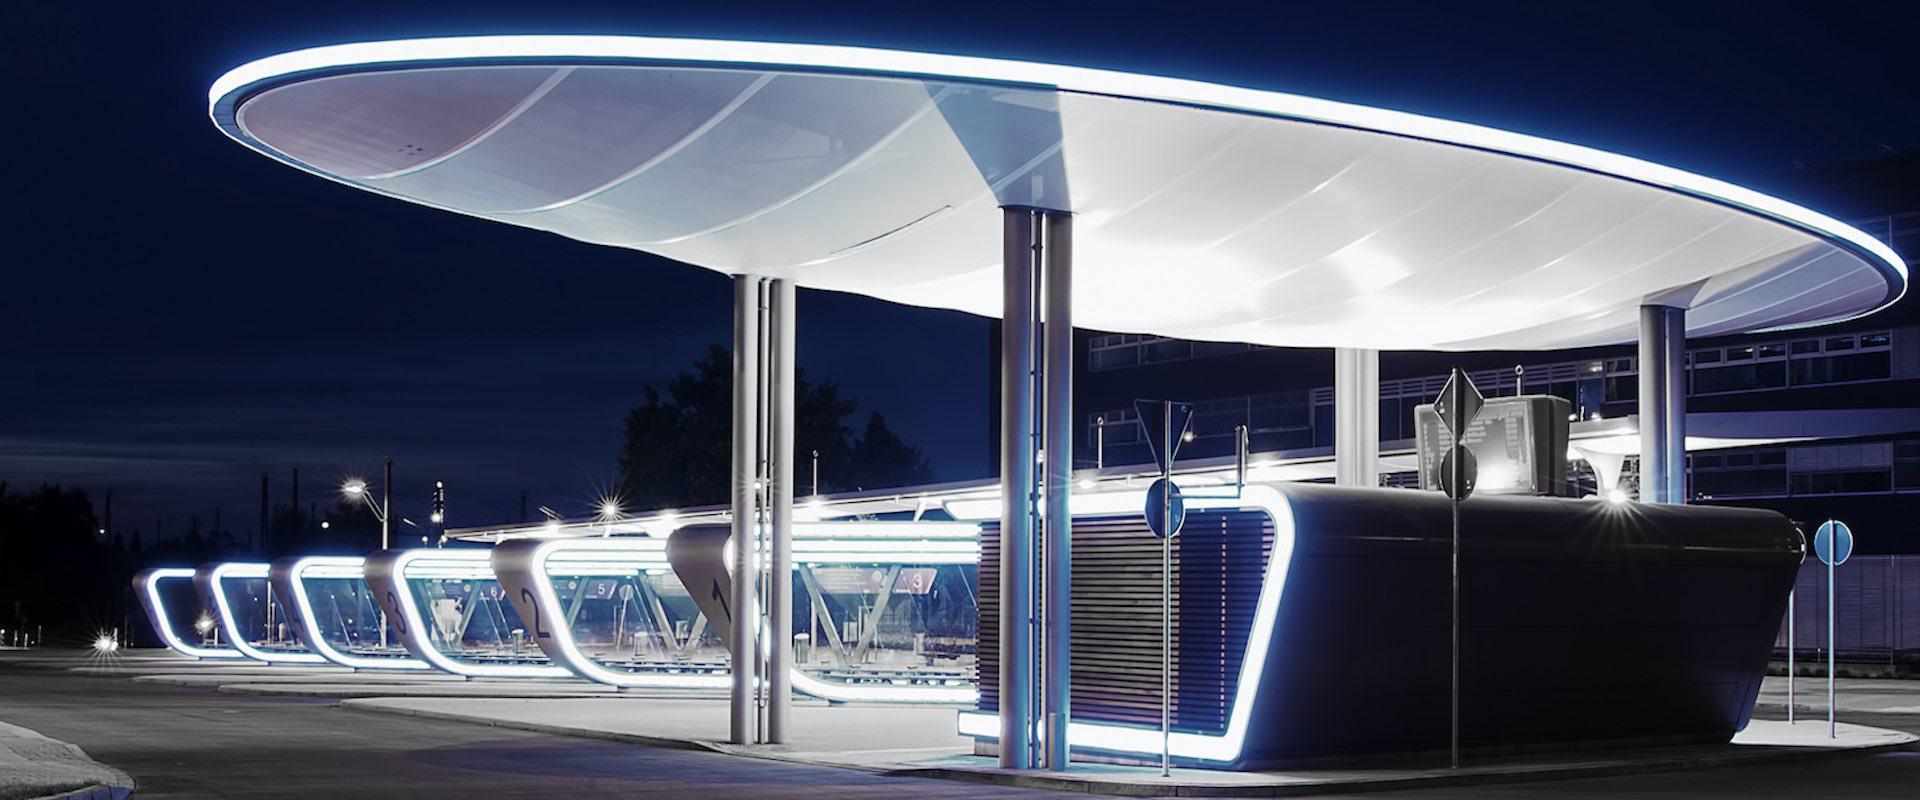 LED Umrüstung Ladenlokal 2